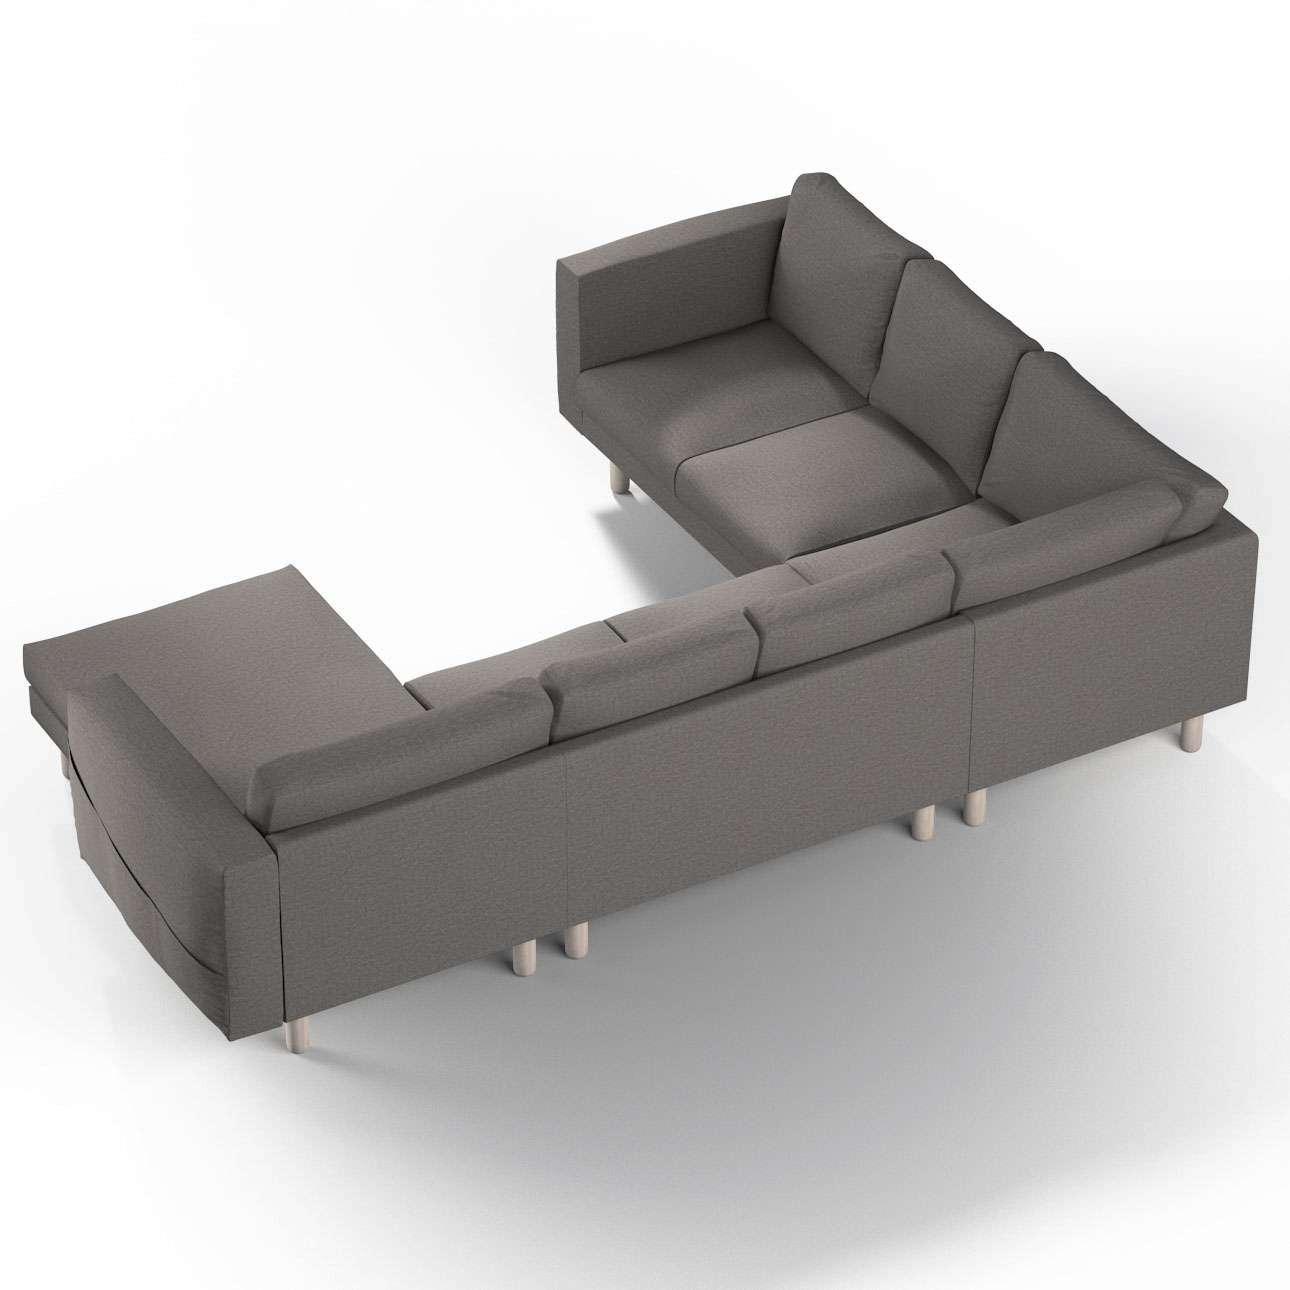 Pokrowiec na sofę narożną Norsborg 5-osobową z szezlongiem w kolekcji Edinburgh, tkanina: 115-77